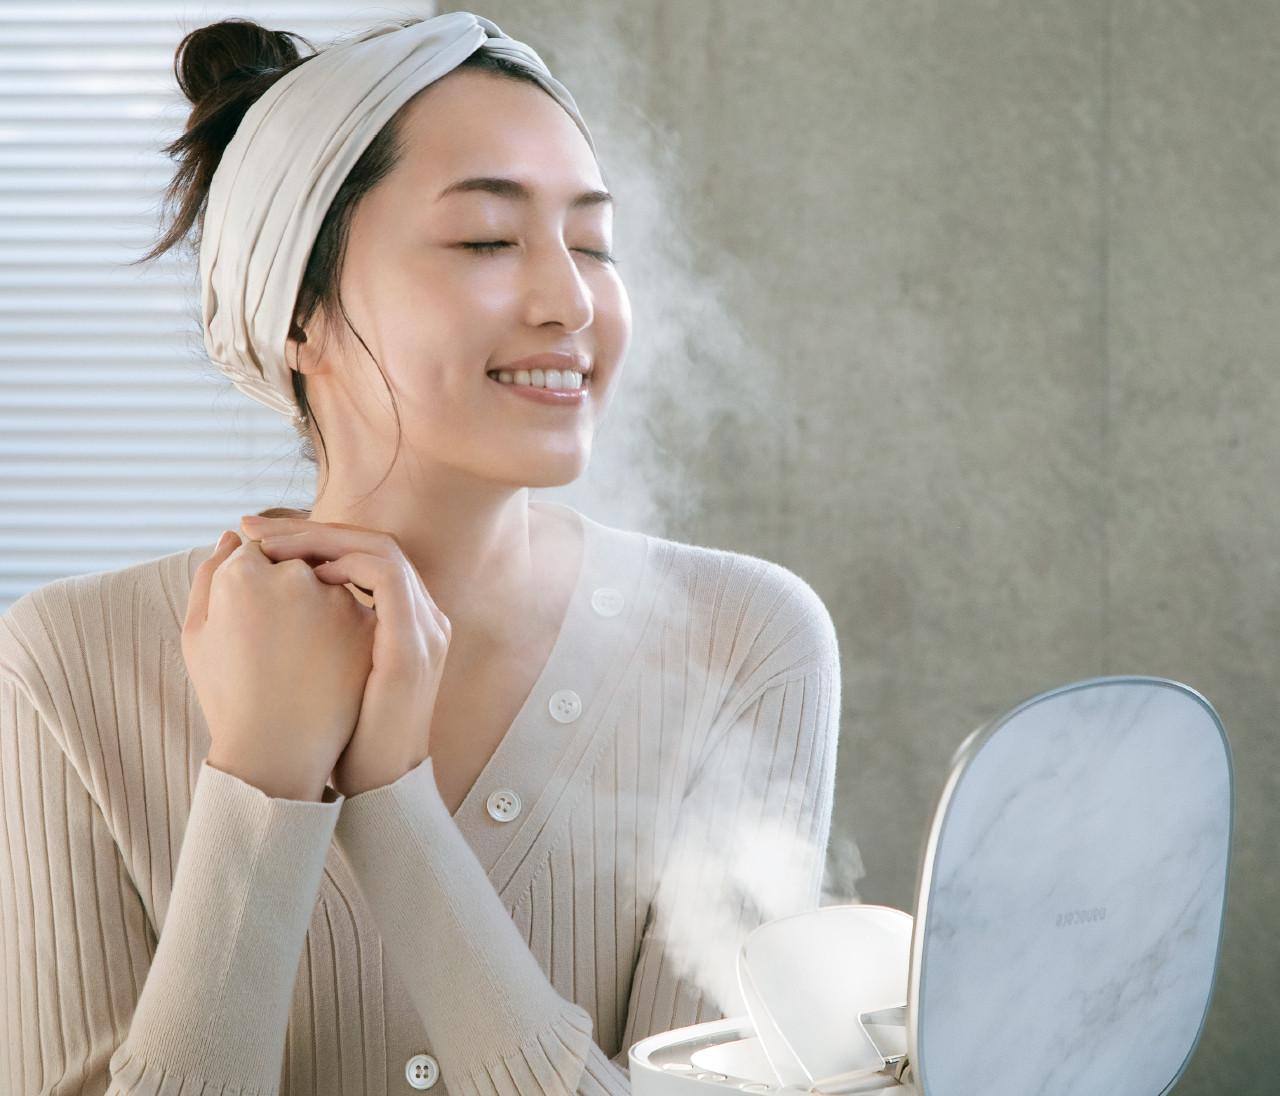 【美容研究家 有村実樹さんのスチーム美容】スチーマー、使うと肌って変わりますか?